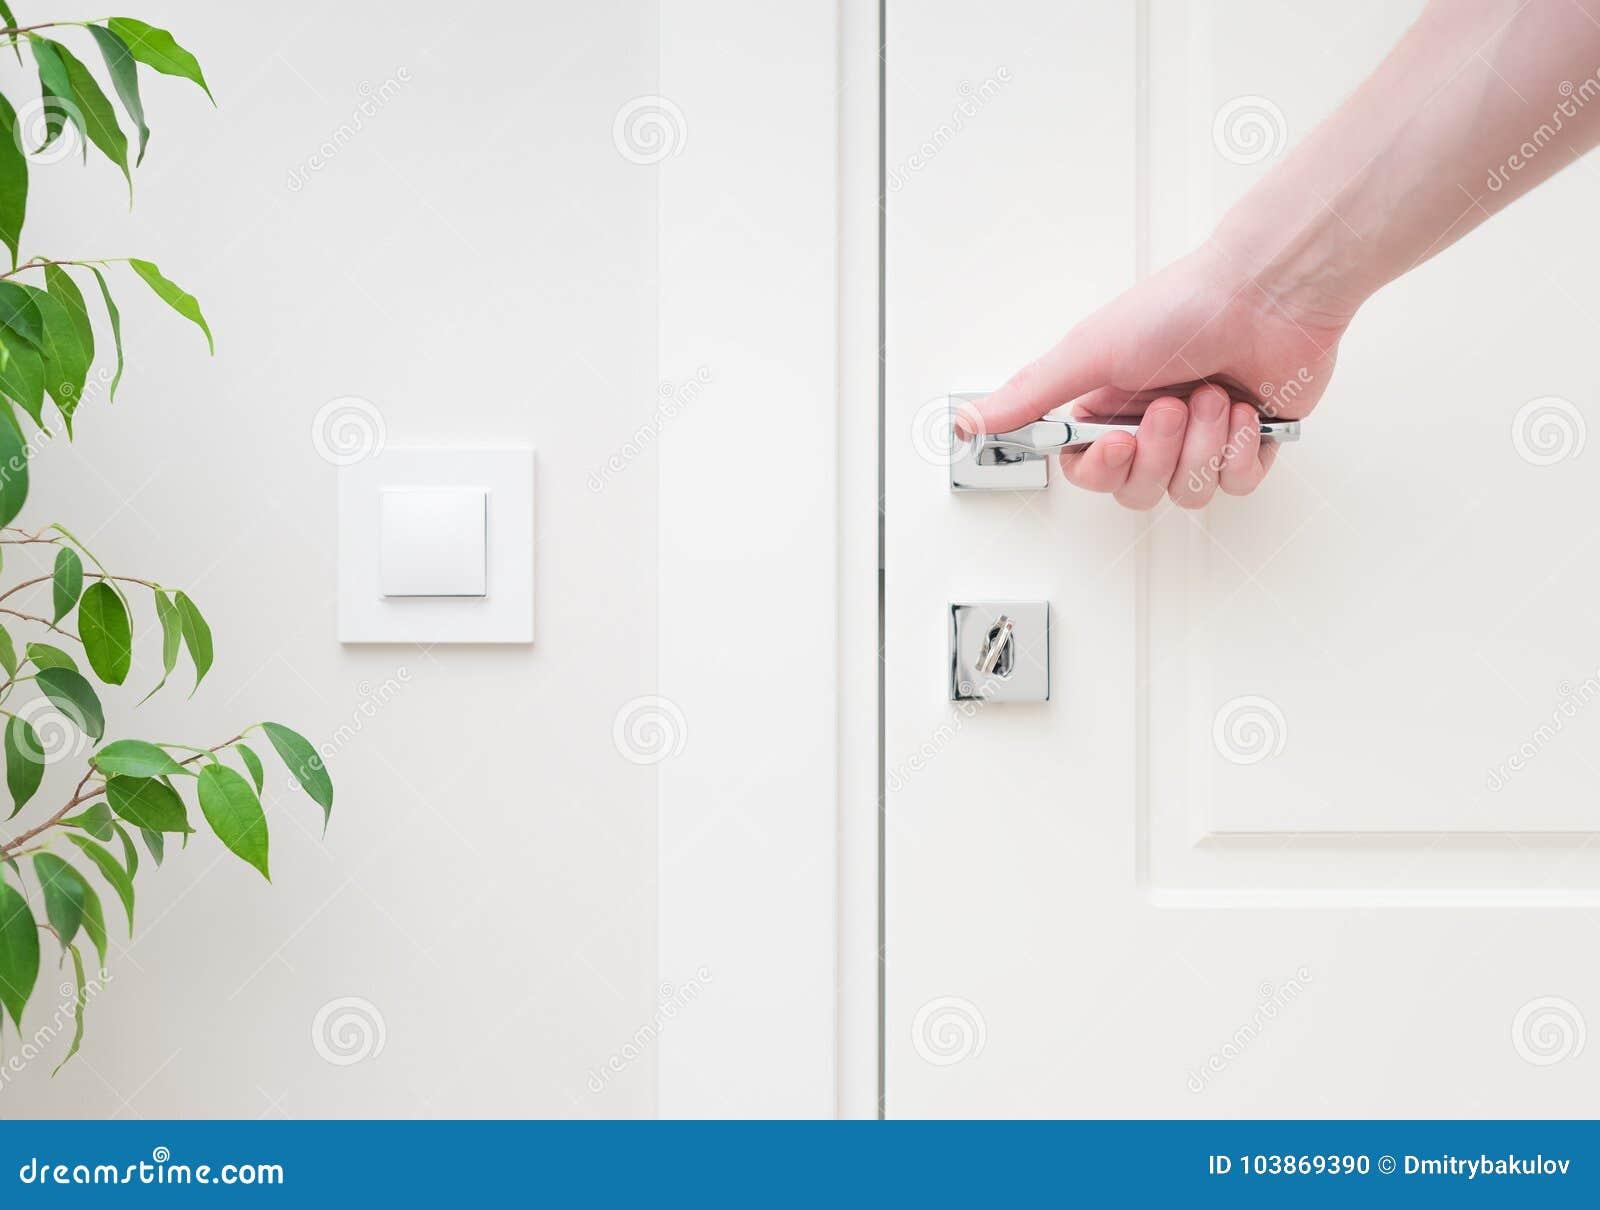 拿着现代门把手的男性手 apartmen的内部的特写镜头元素